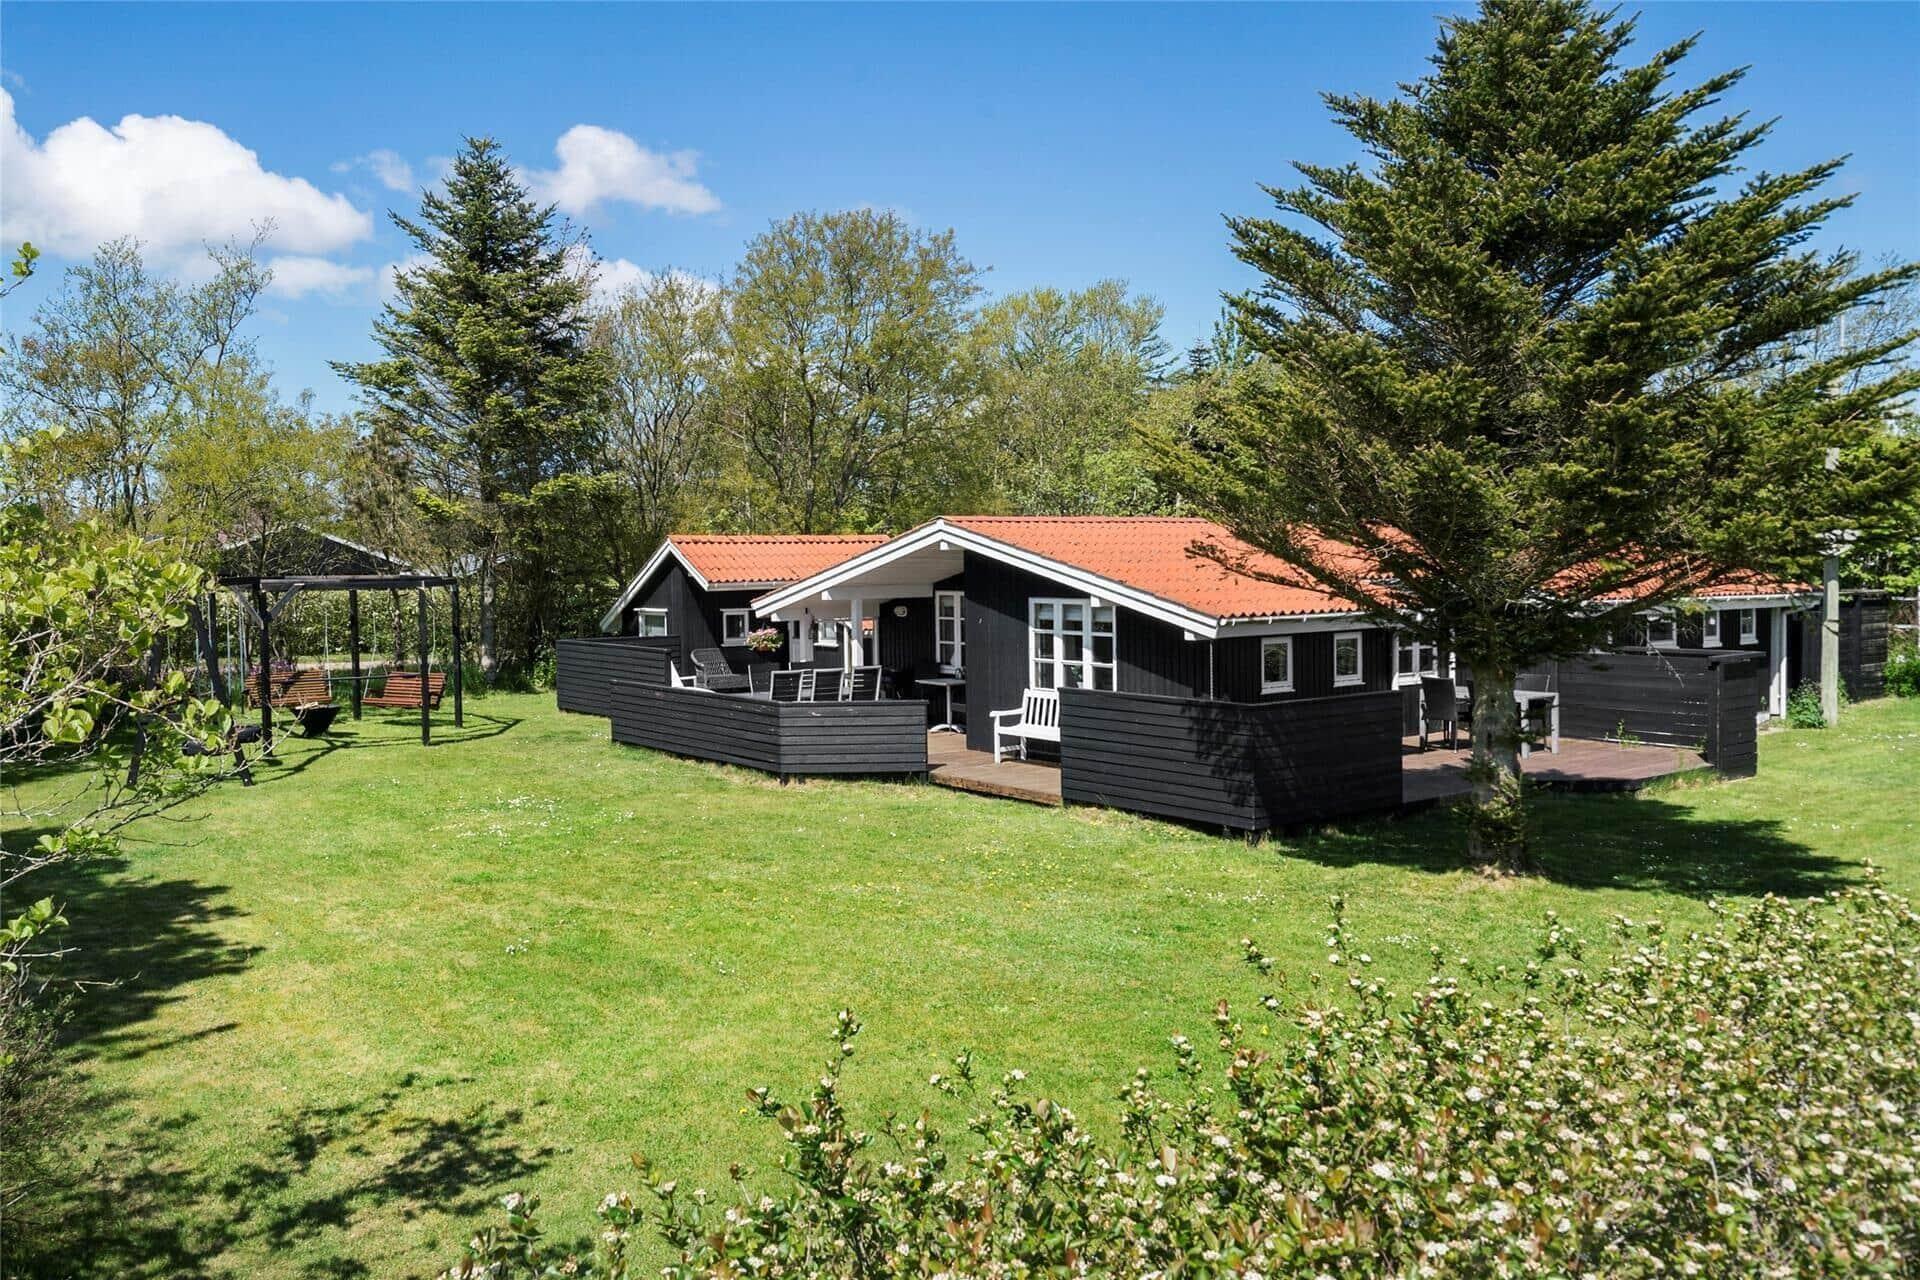 Bild 1-22 Ferienhaus C11054, Husfold 2, DK - 6893 Hemmet